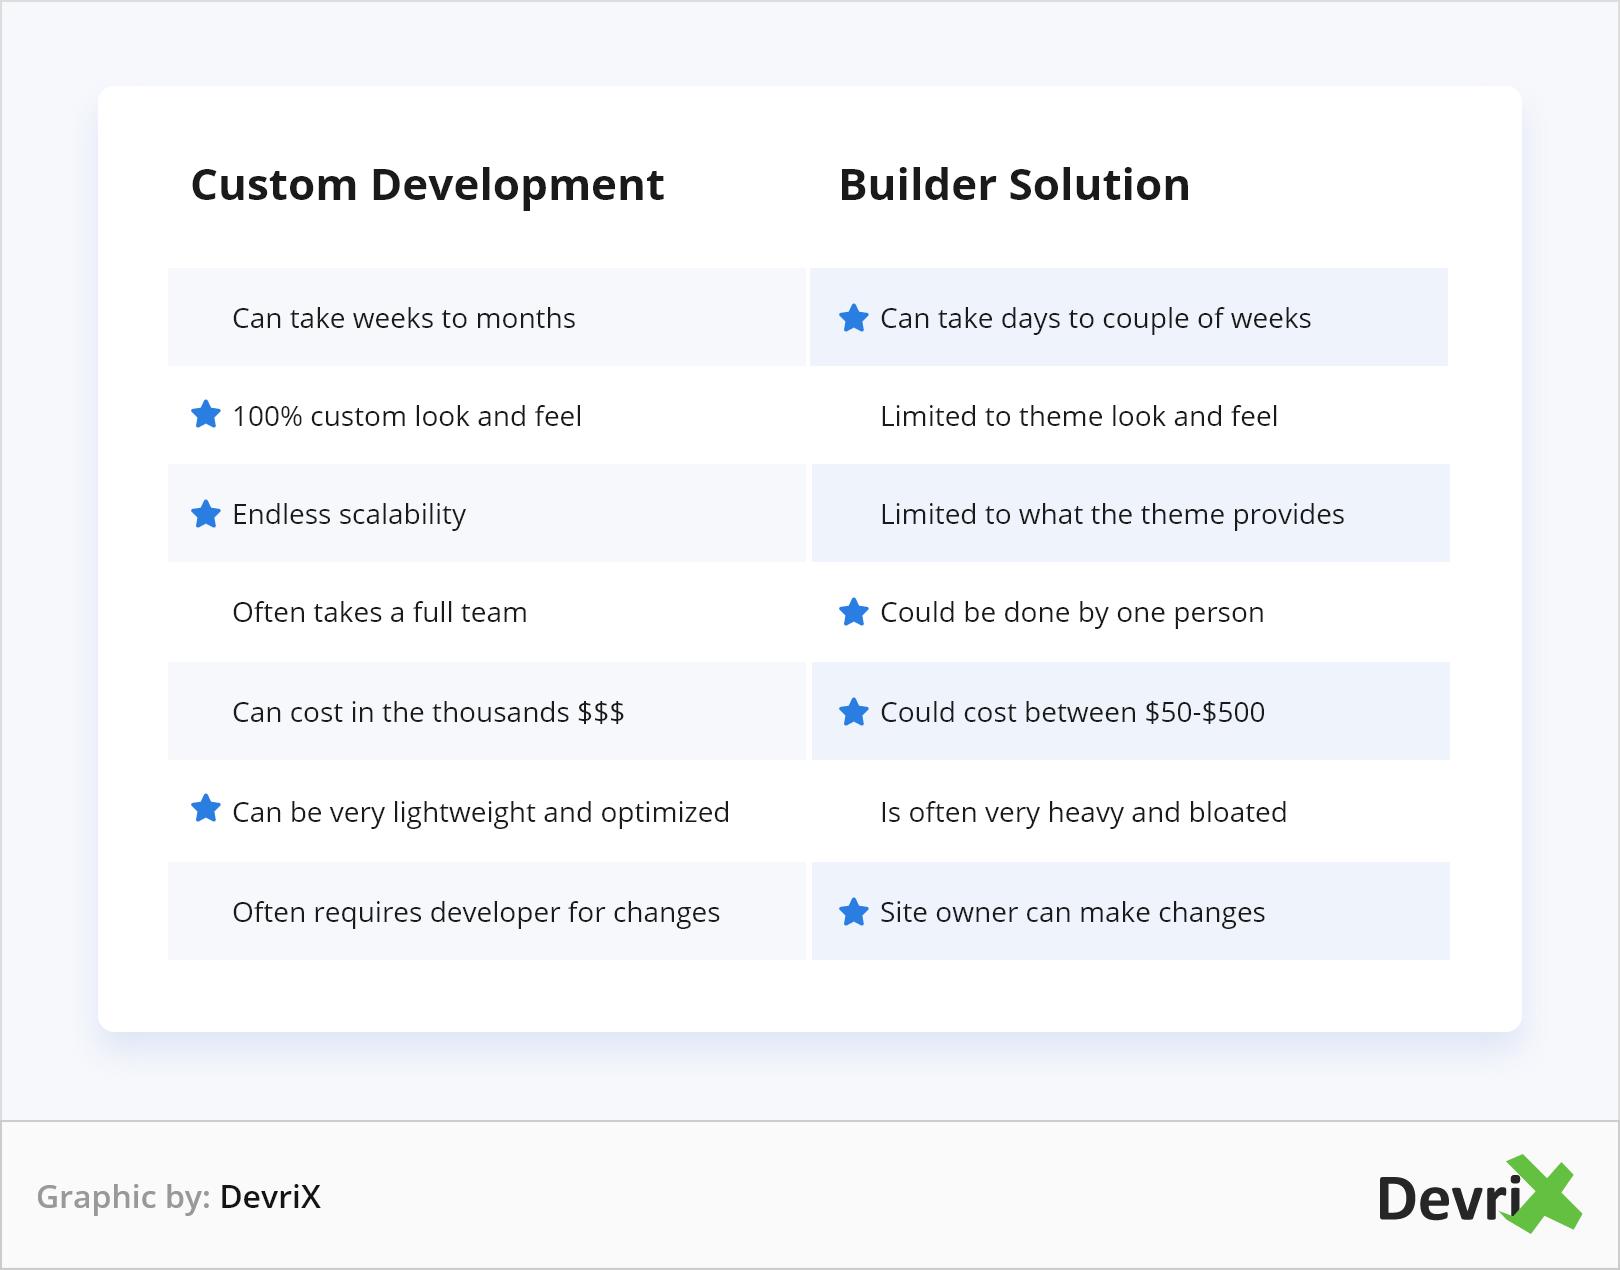 Custom Development vs Builder Solution